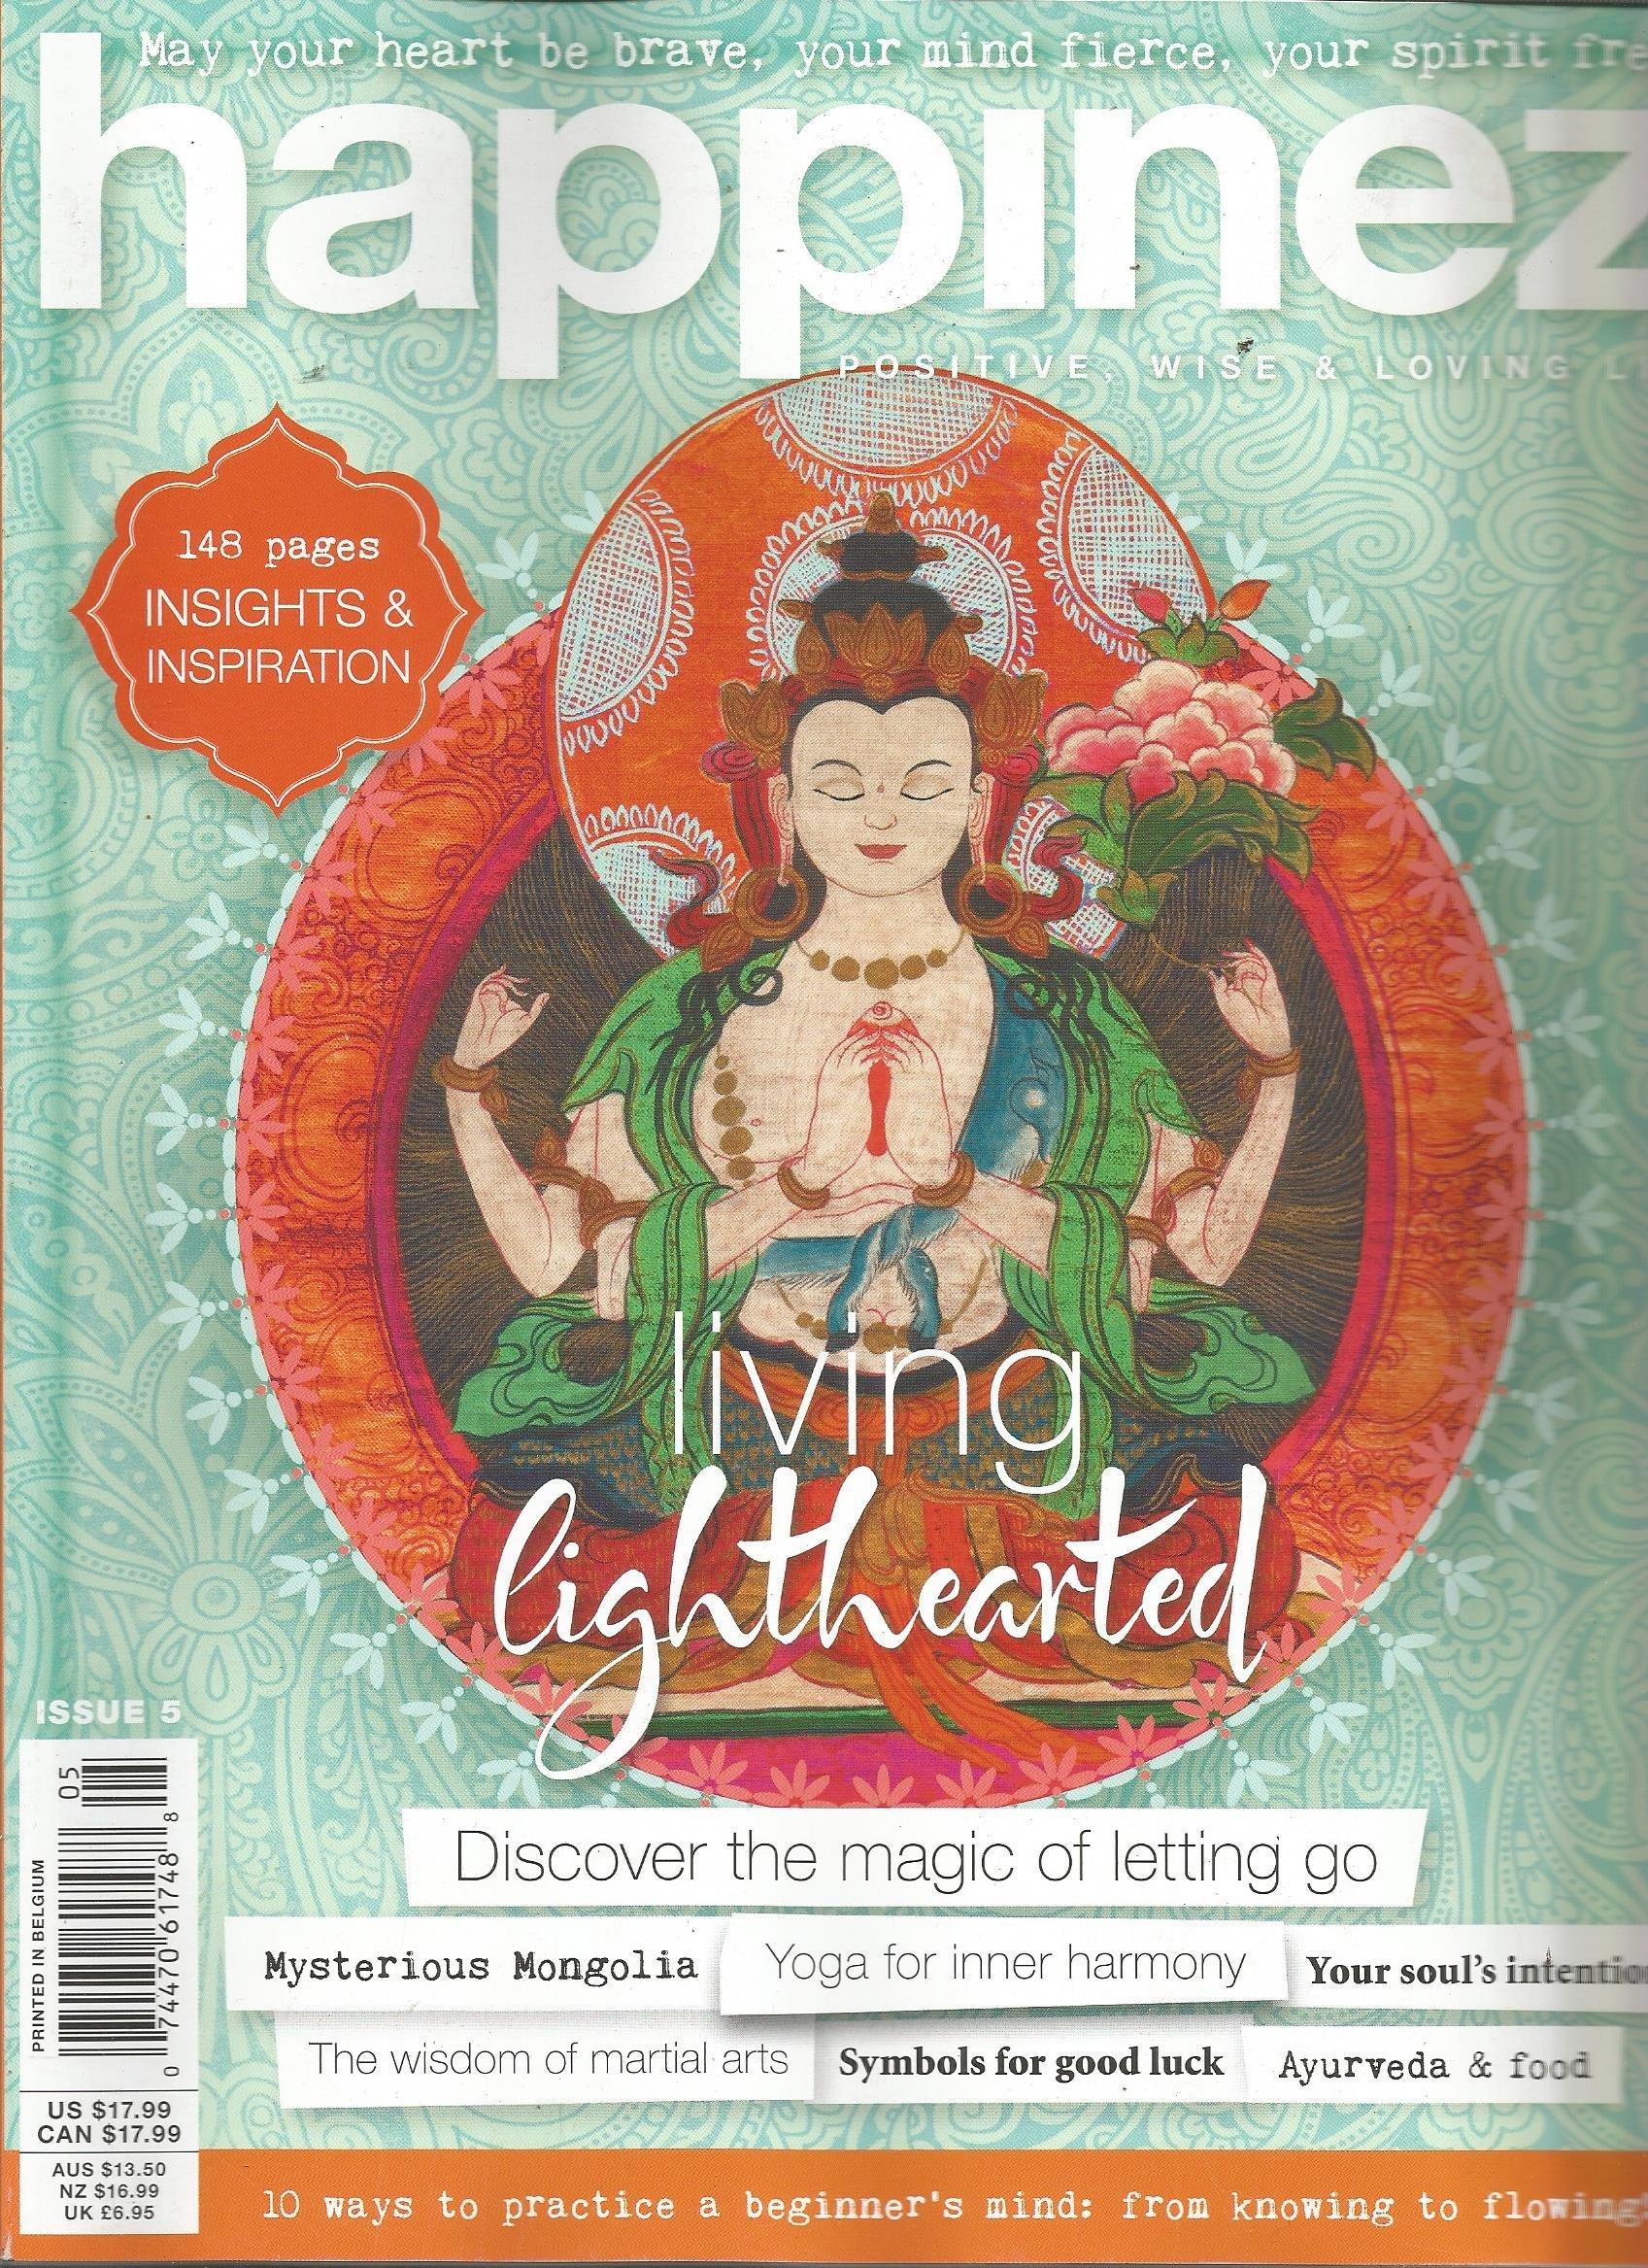 Wonderbaarlijk Happinez Magazine (Issue 5): Marije De Jong: Amazon.com: Books QB-64